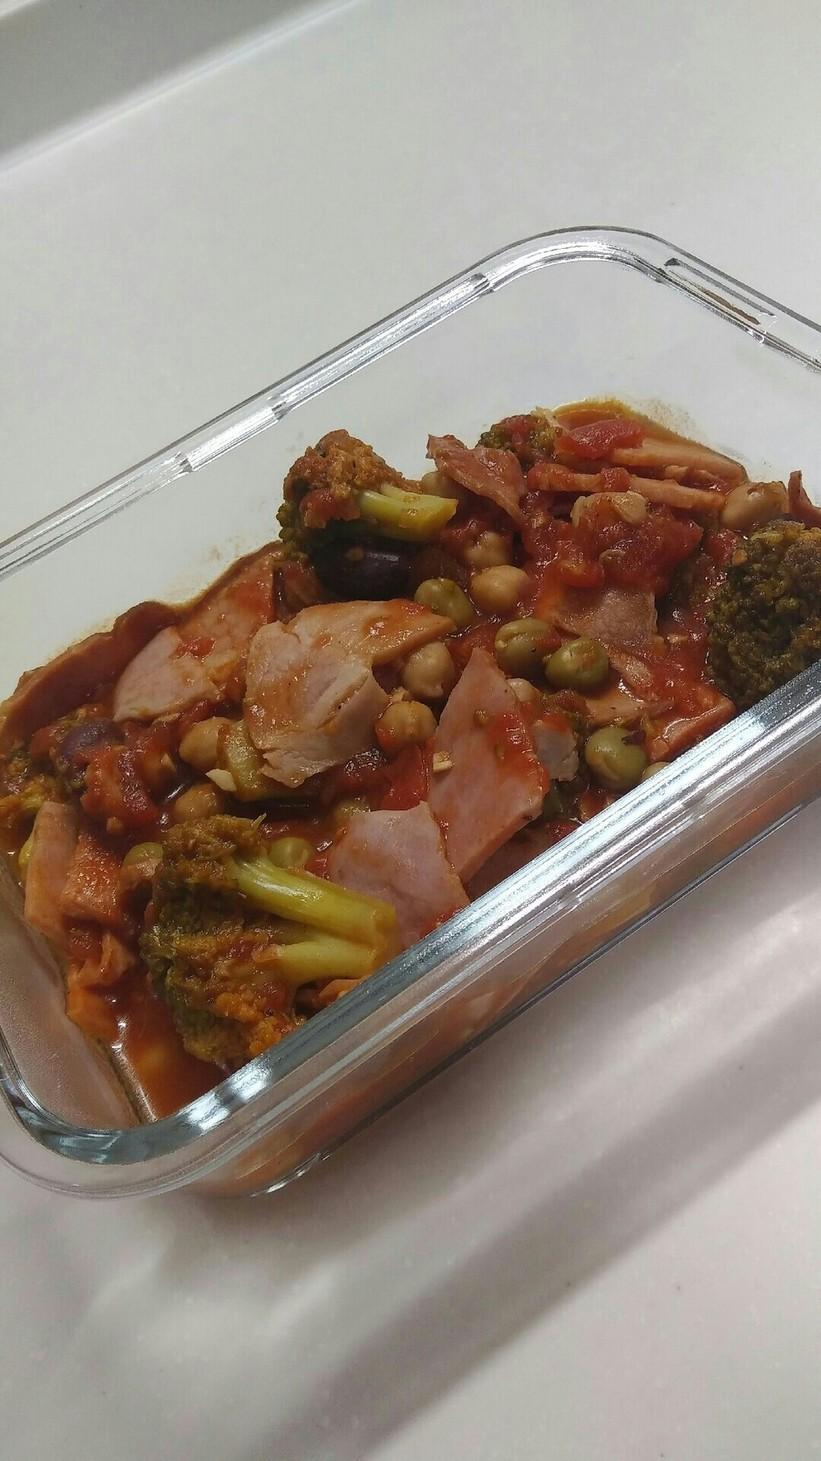 お豆を入れたら栄養アップ!トマト煮